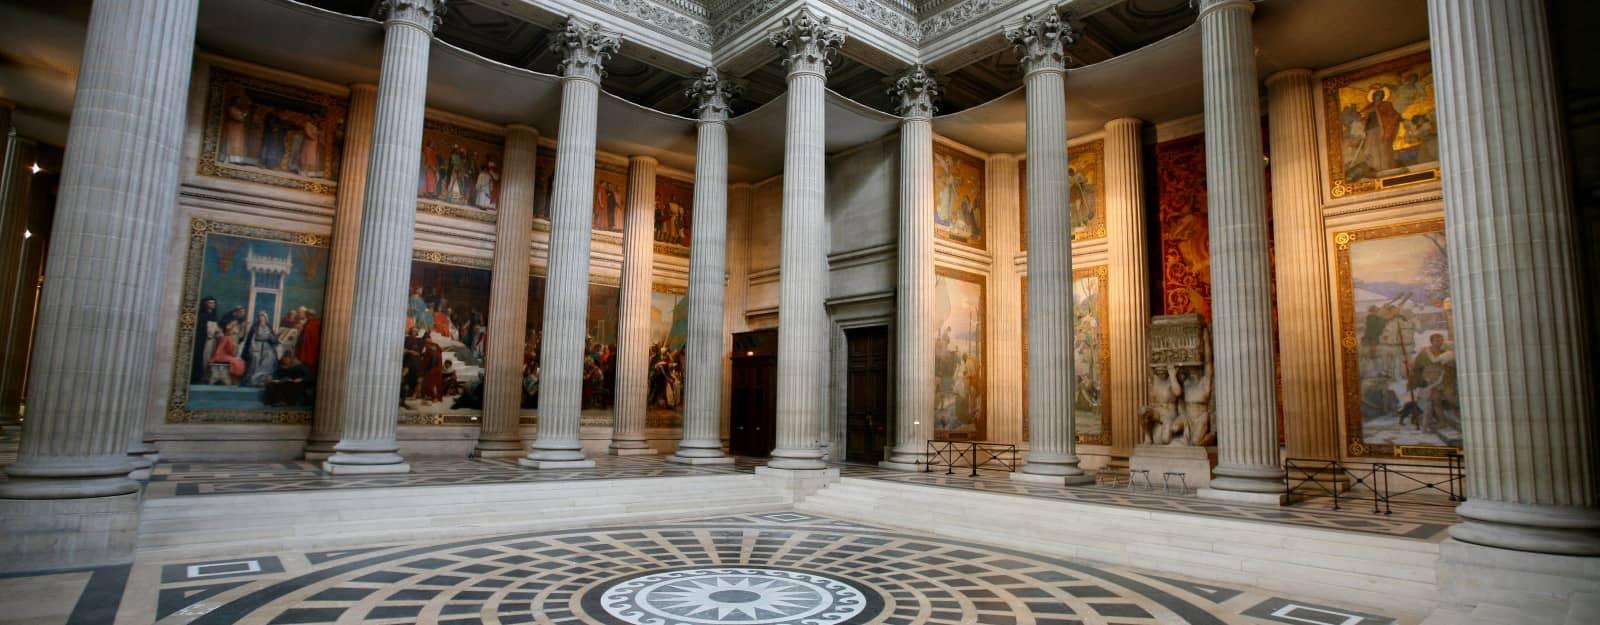 Pantheon Paris beautiful interior image